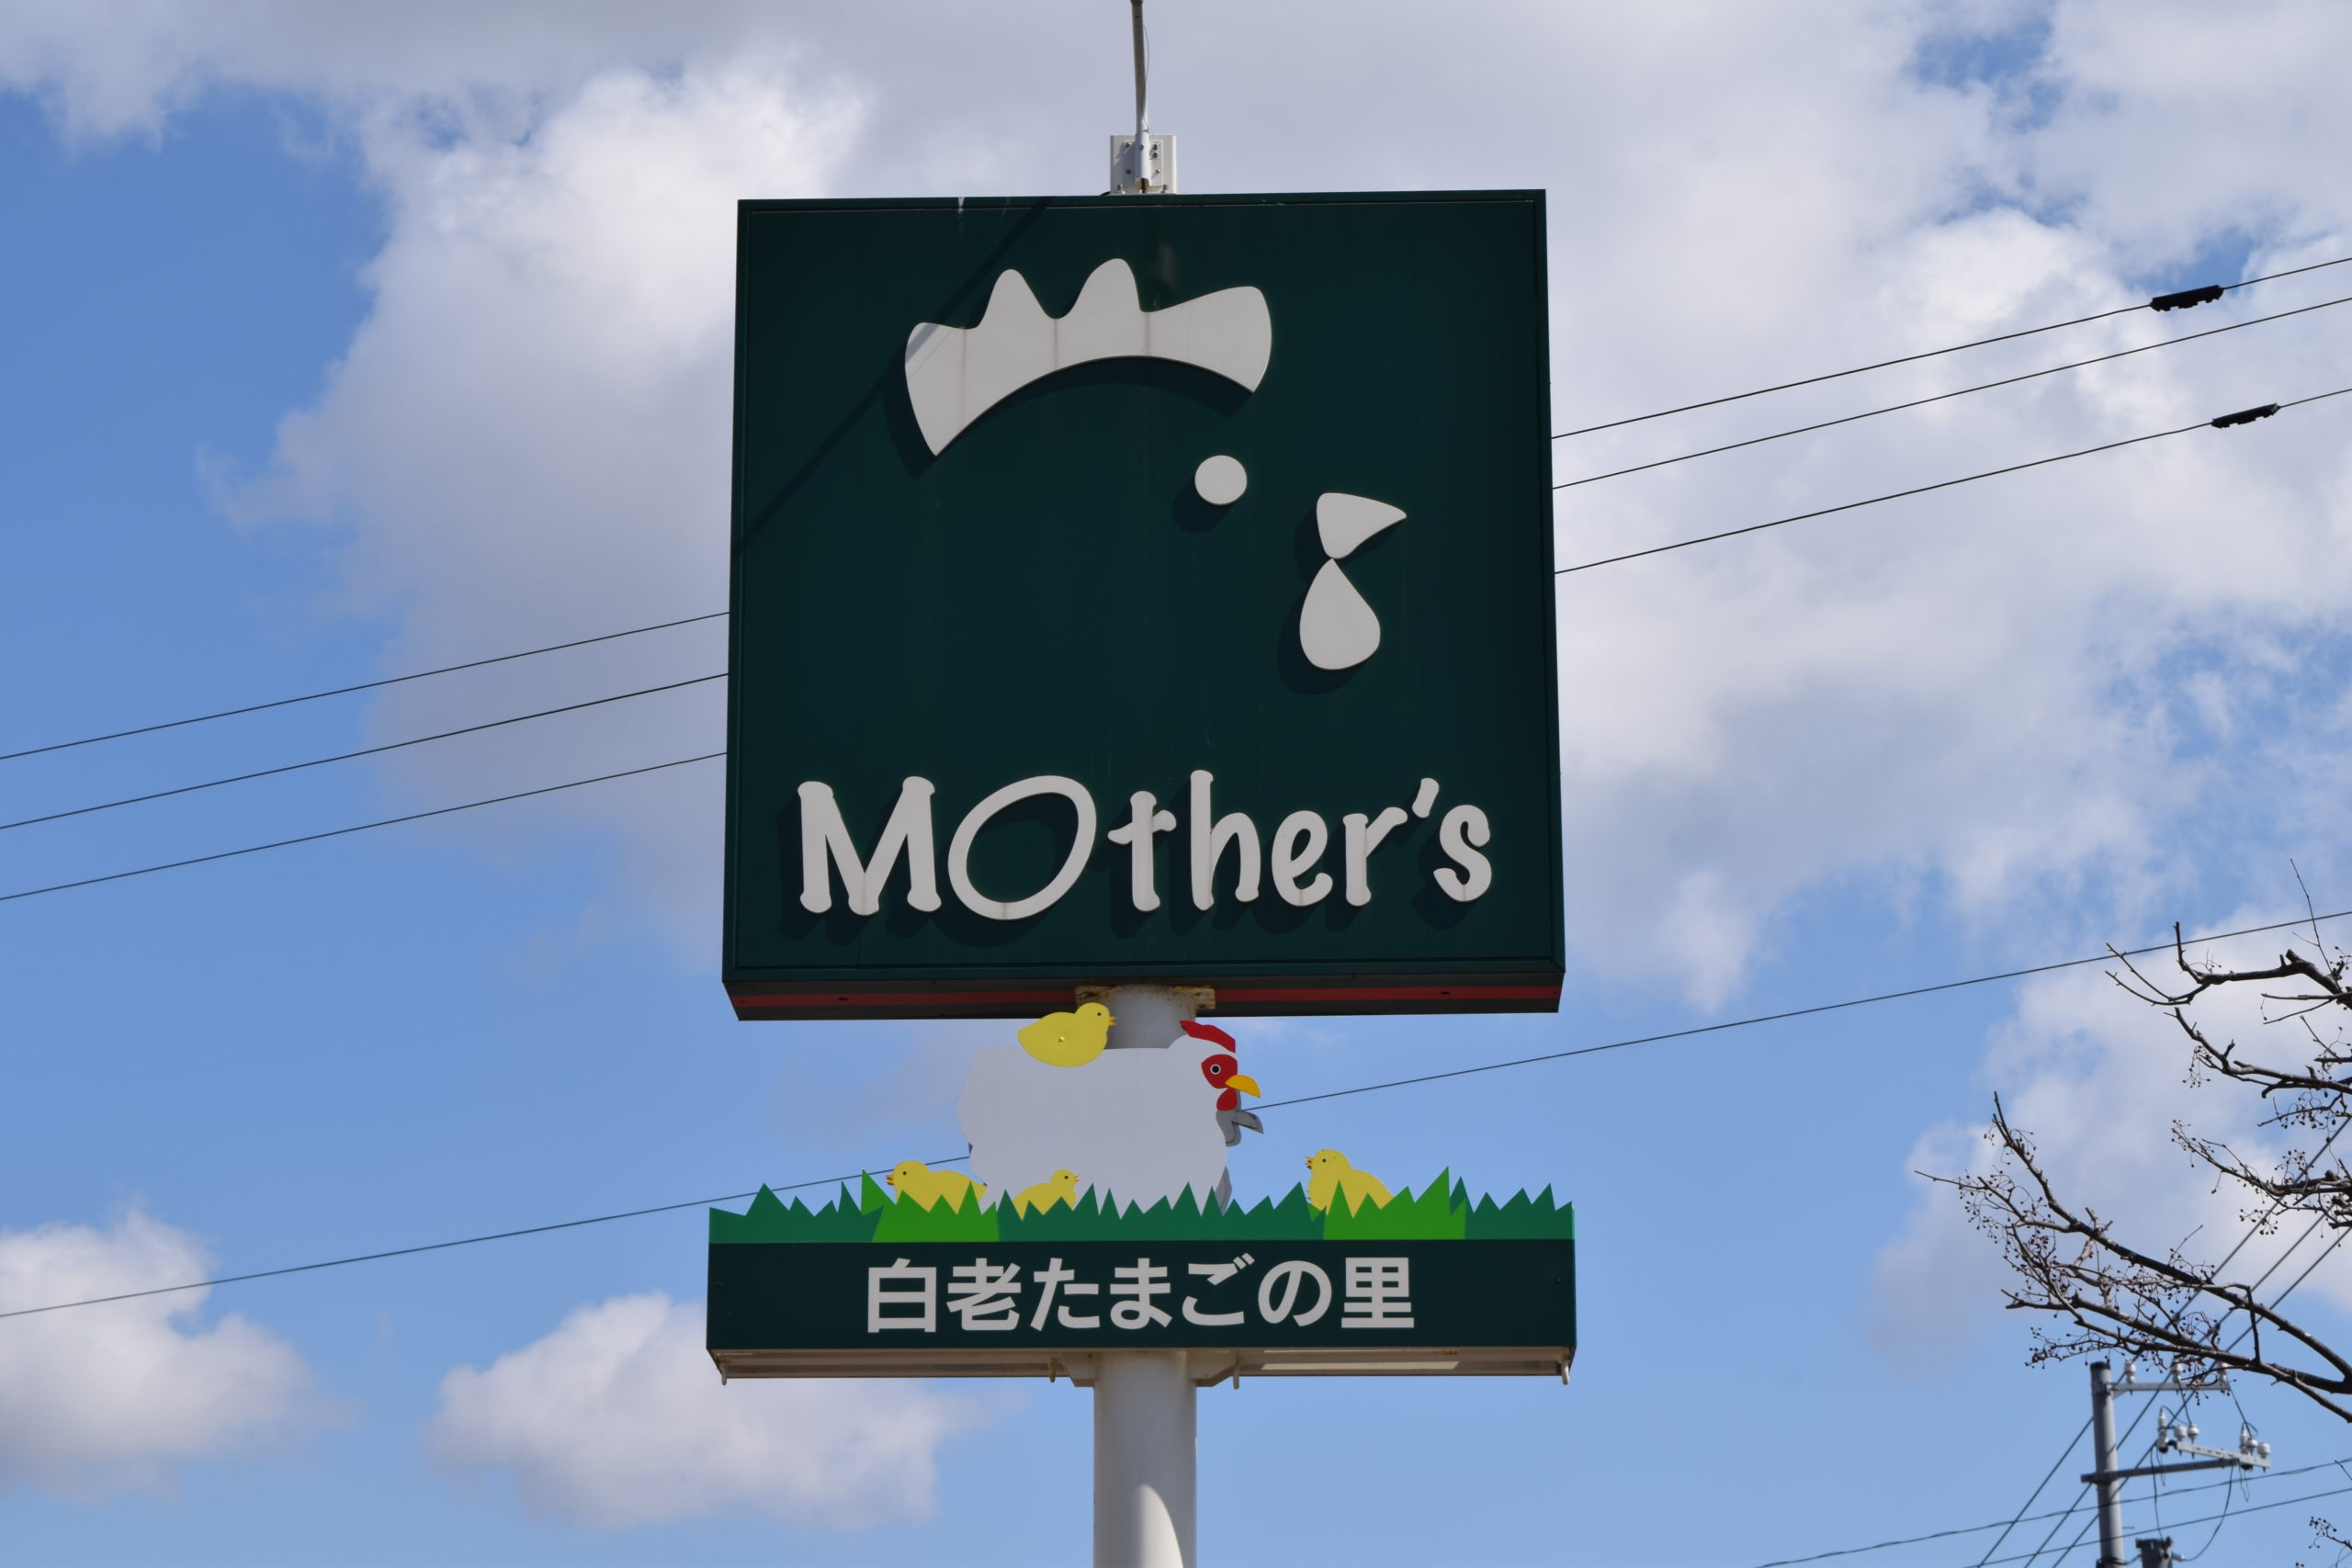 白老たまごの里マザーズ白老本店(北海道白老町社台)